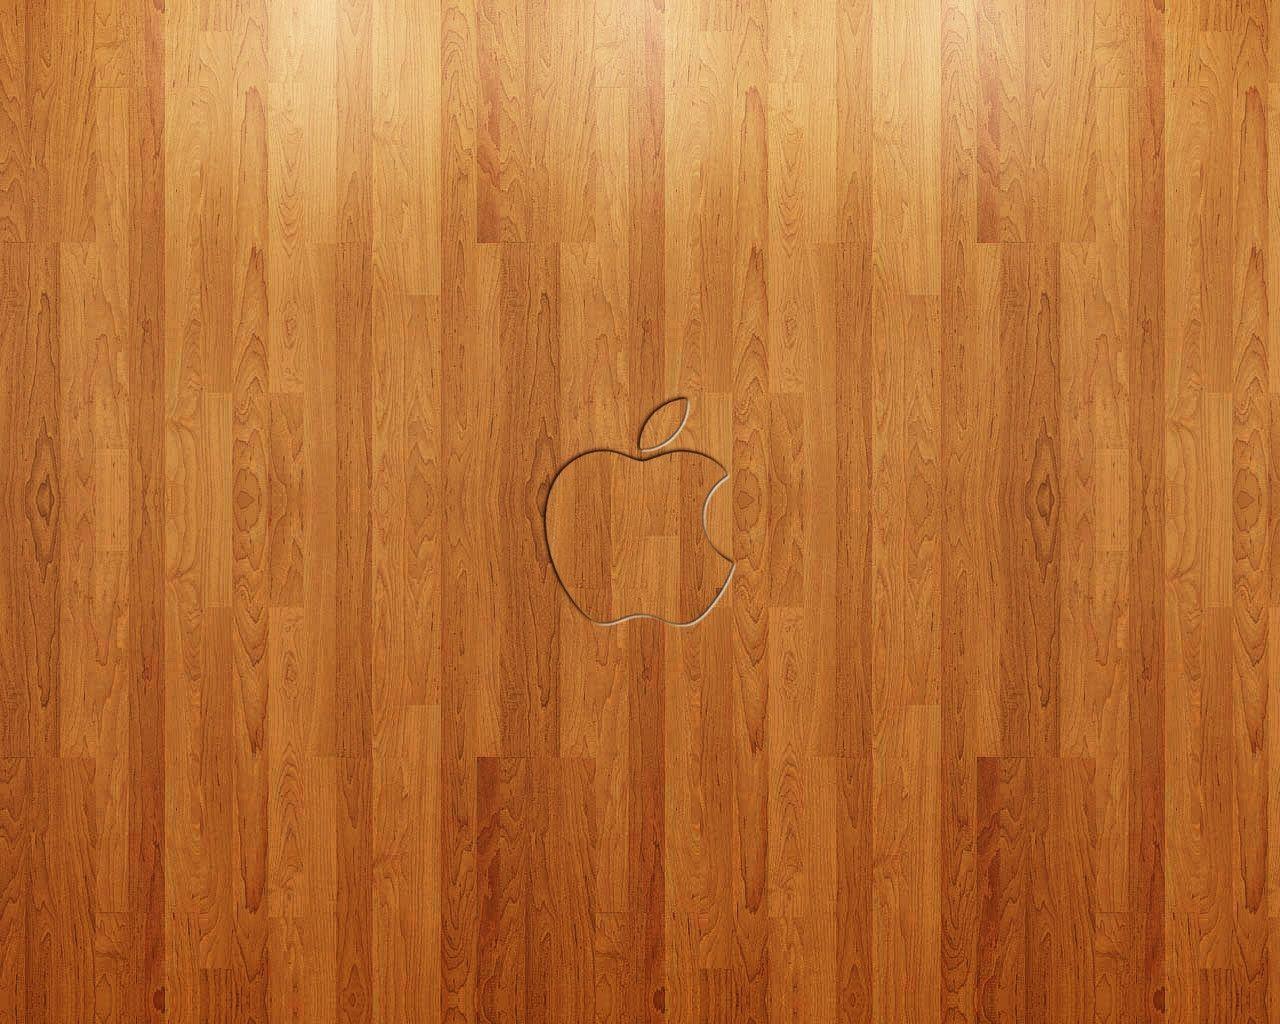 [43+] Wood Grain Wallpaper Desktop on WallpaperSafari